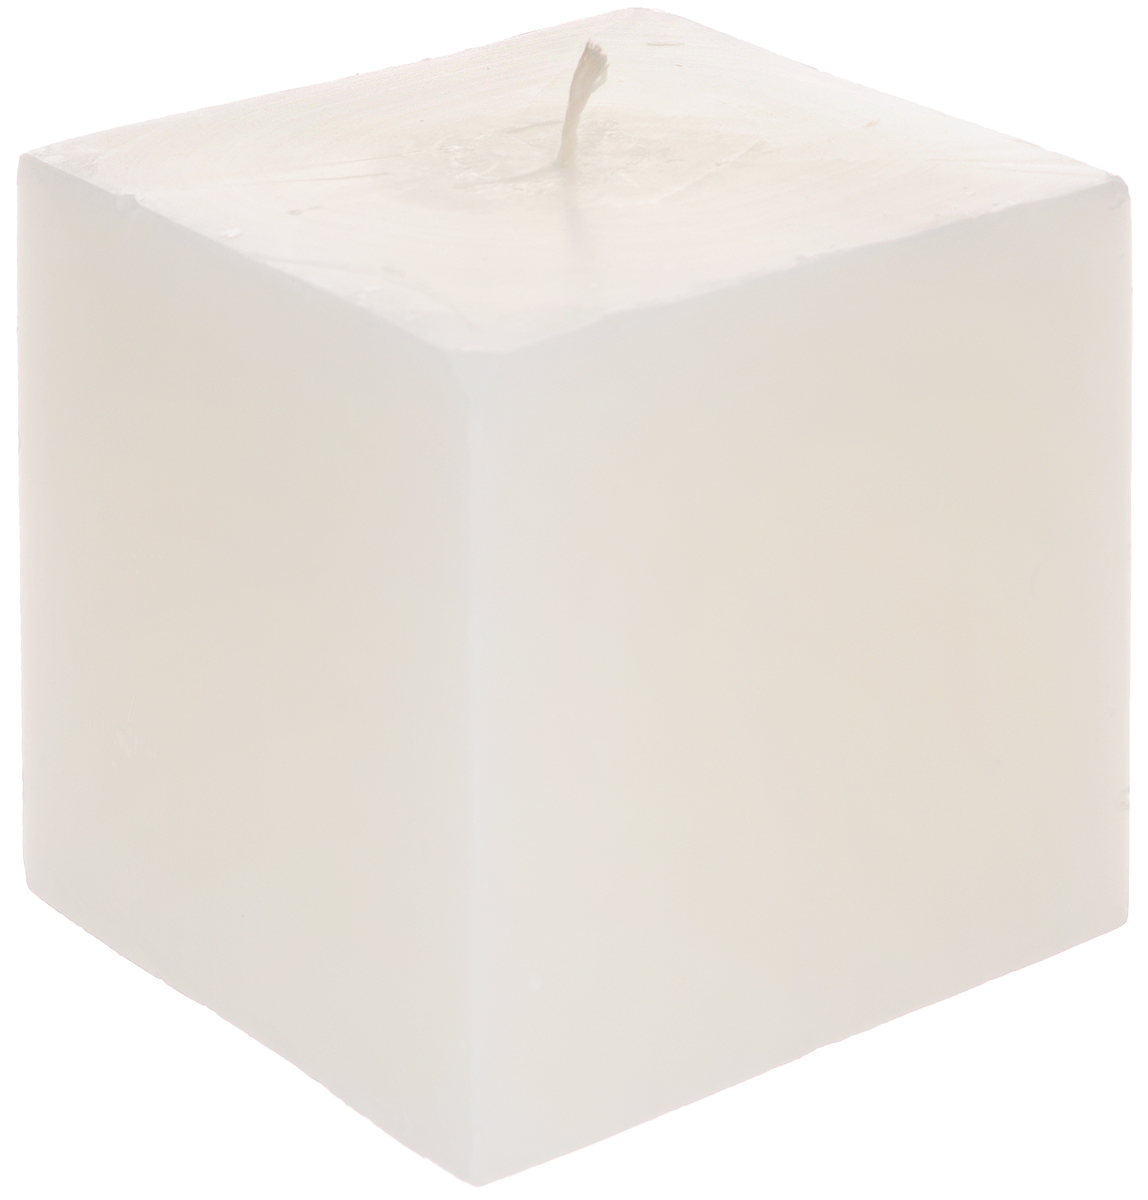 Свеча декоративная Proffi Квадрат, цвет: молочный, 9,5 х 9,5 х 9,5 см12723Свеча Proffi Квадрат выполнена из парафина и стеарина в классическом стиле. Изделие порадует вас ярким дизайном. Такую свечу можно поставить в любое место, и она станет ярким украшением интерьера. Свеча Proffi Квадрат создаст незабываемую атмосферу, будь то торжество, романтический вечер или будничный день.